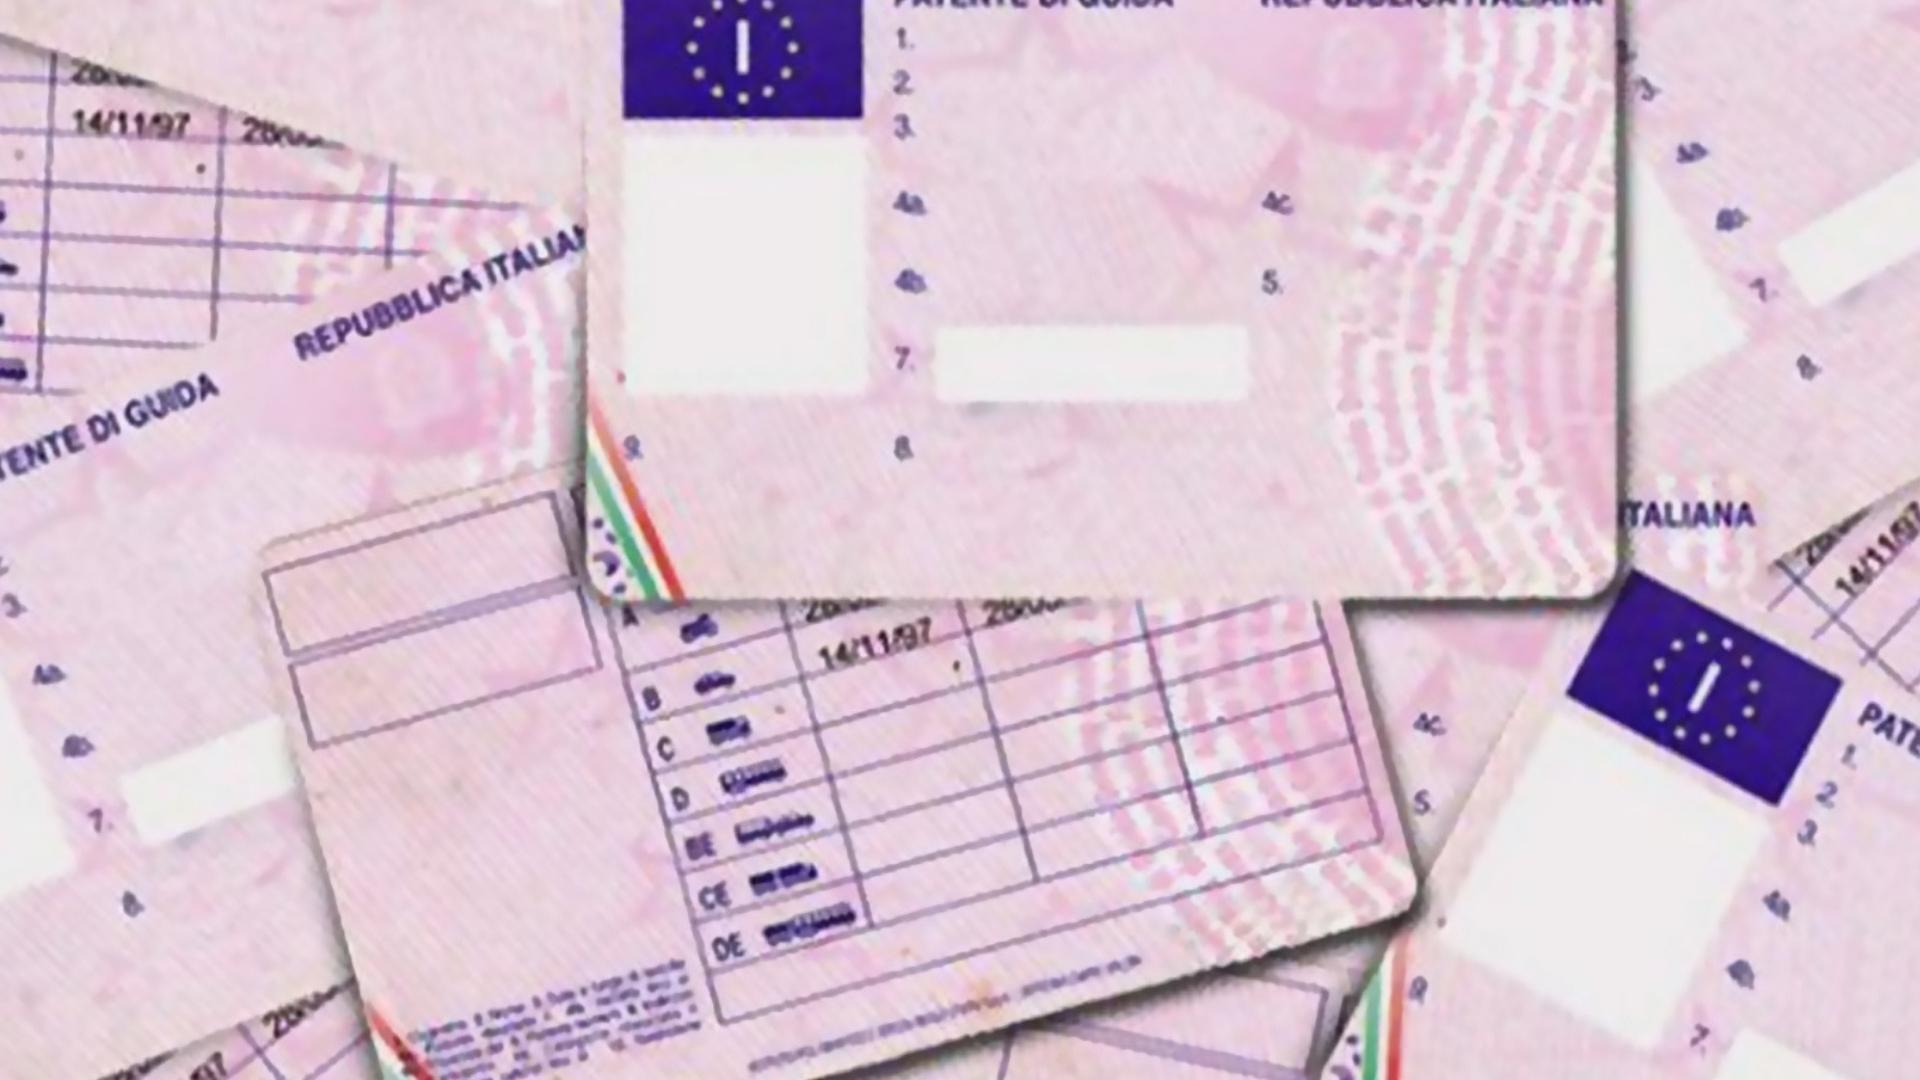 Illegittimita revoca automatica patente prevista da legge omicidio stradale v2. Pubblicata la Sentenza Corte Costituzionale.